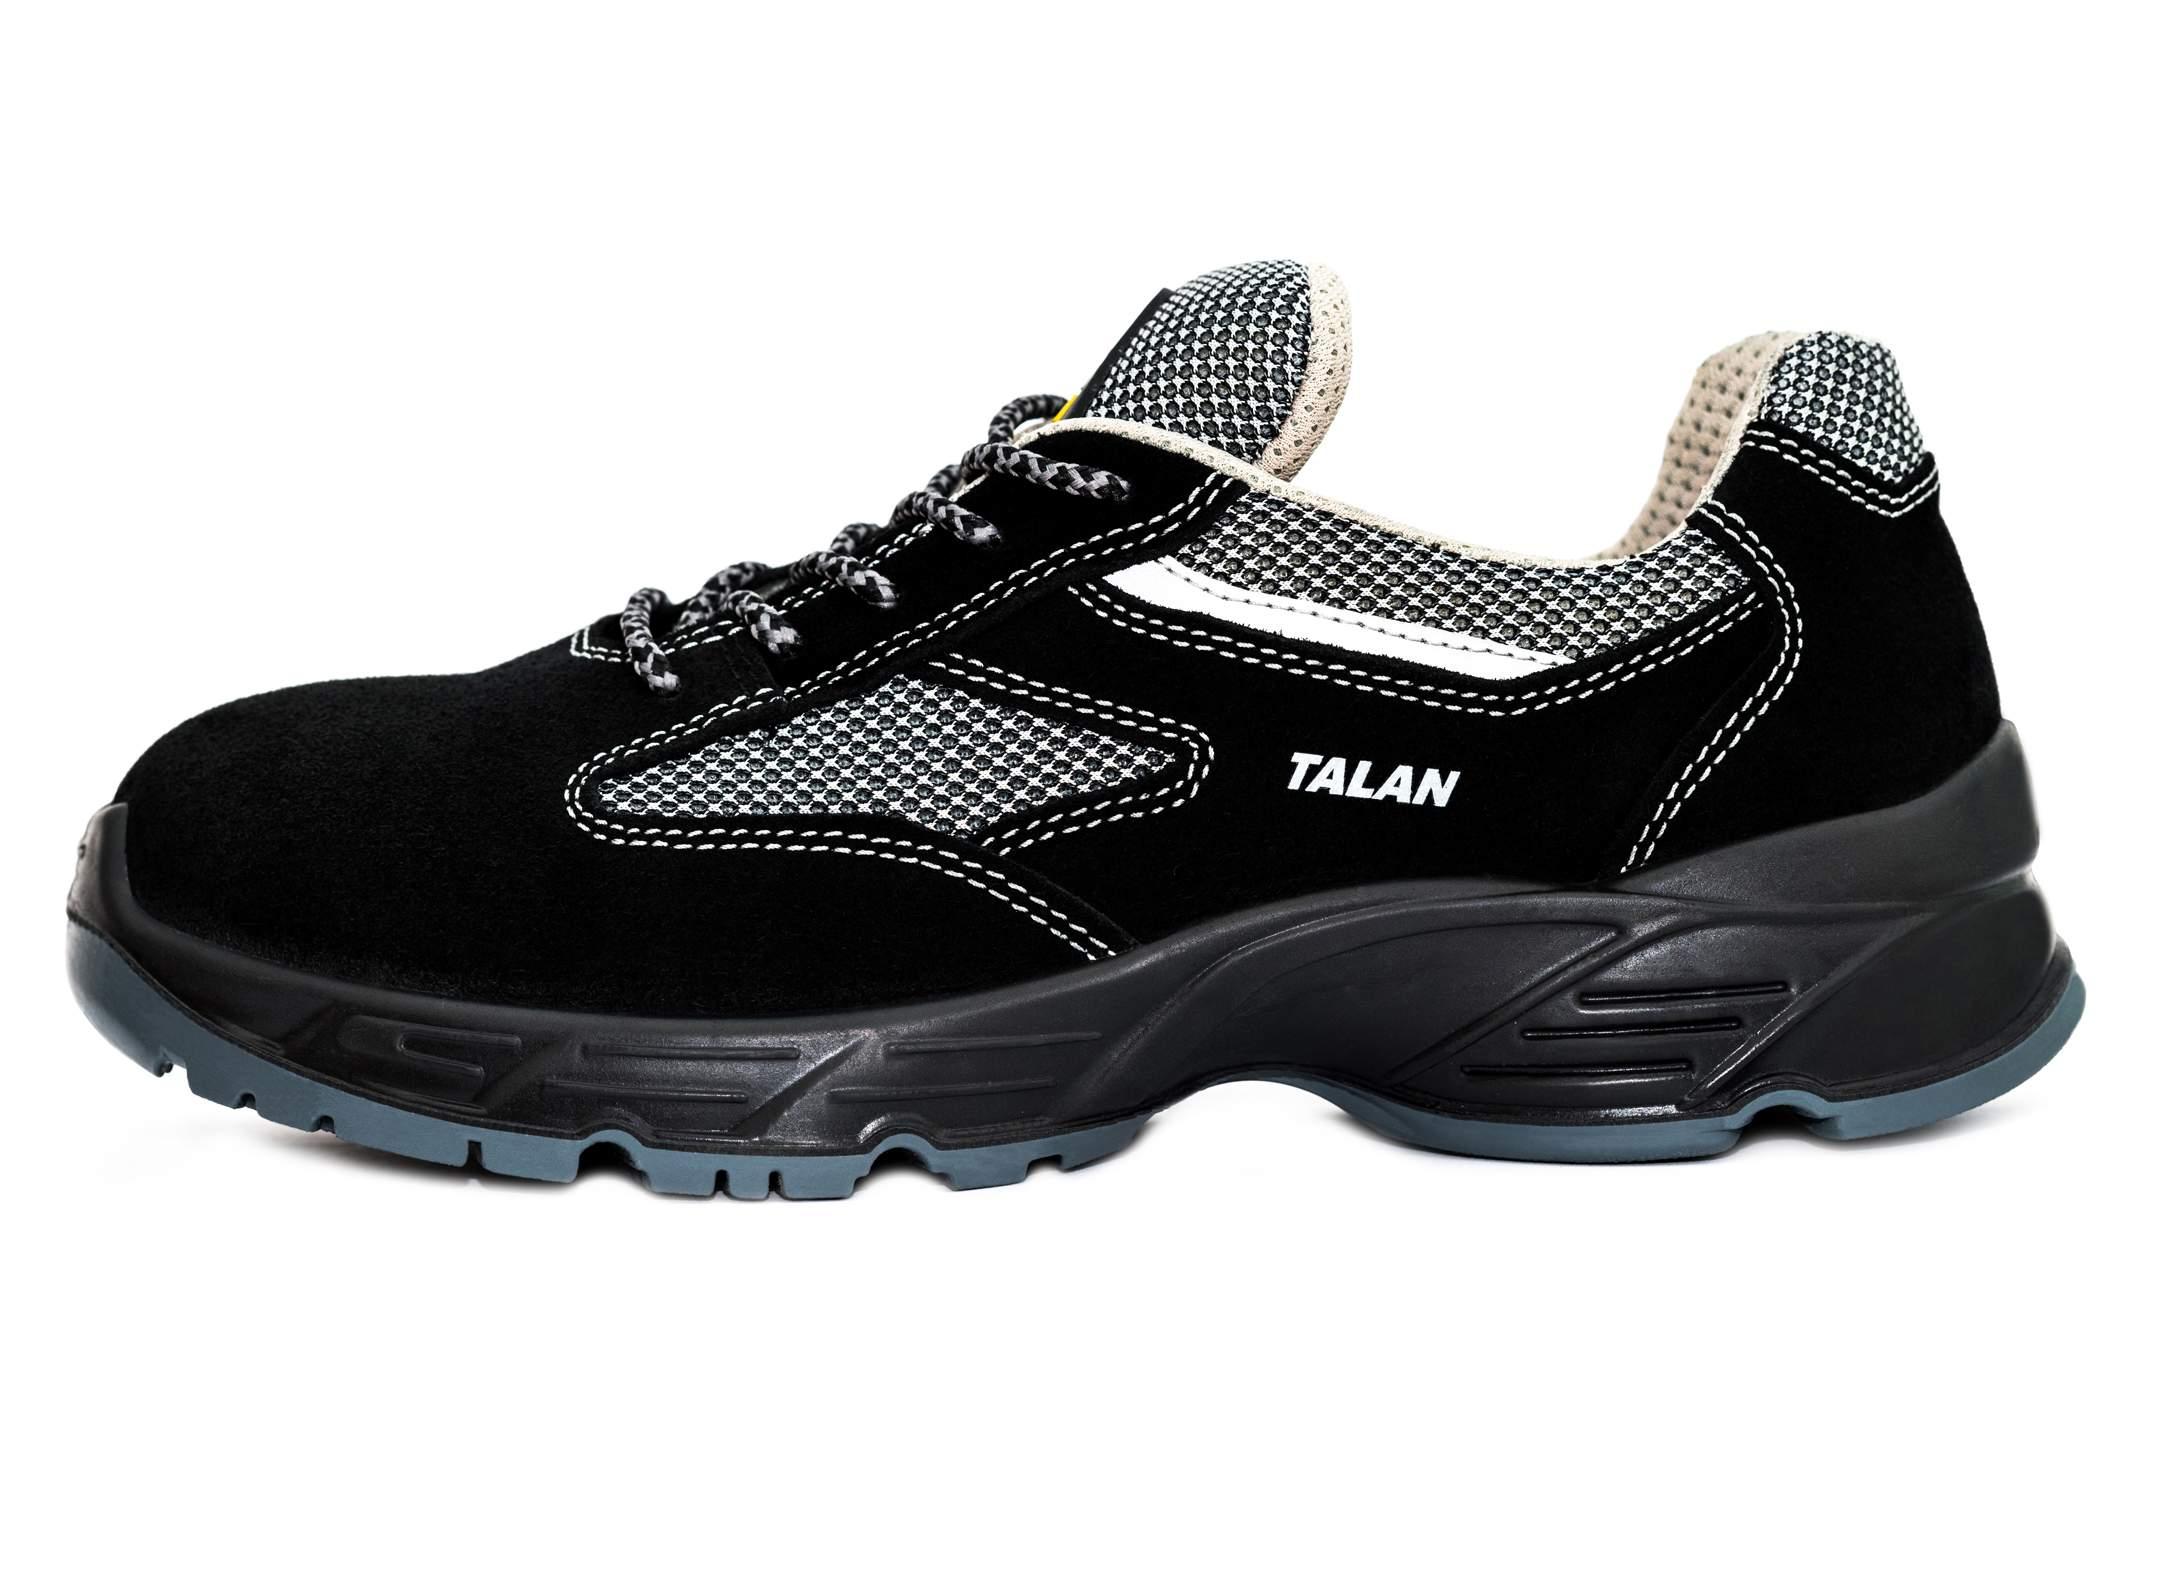 Model: 169 Talan